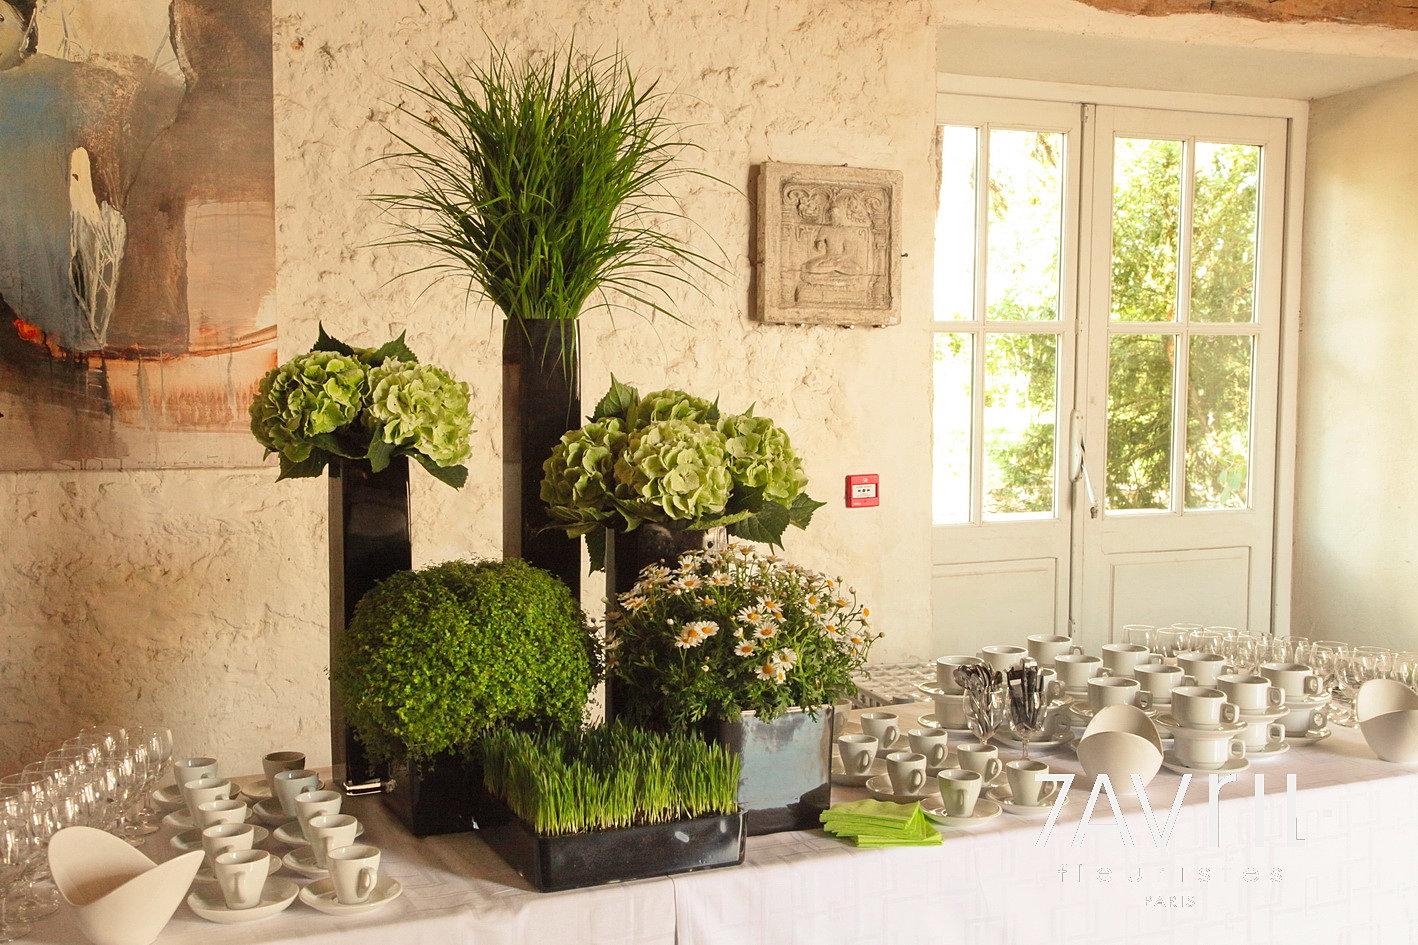 7 avril d coration florale fleuristes abonnement floral paris motif - Decoration de buffet ...